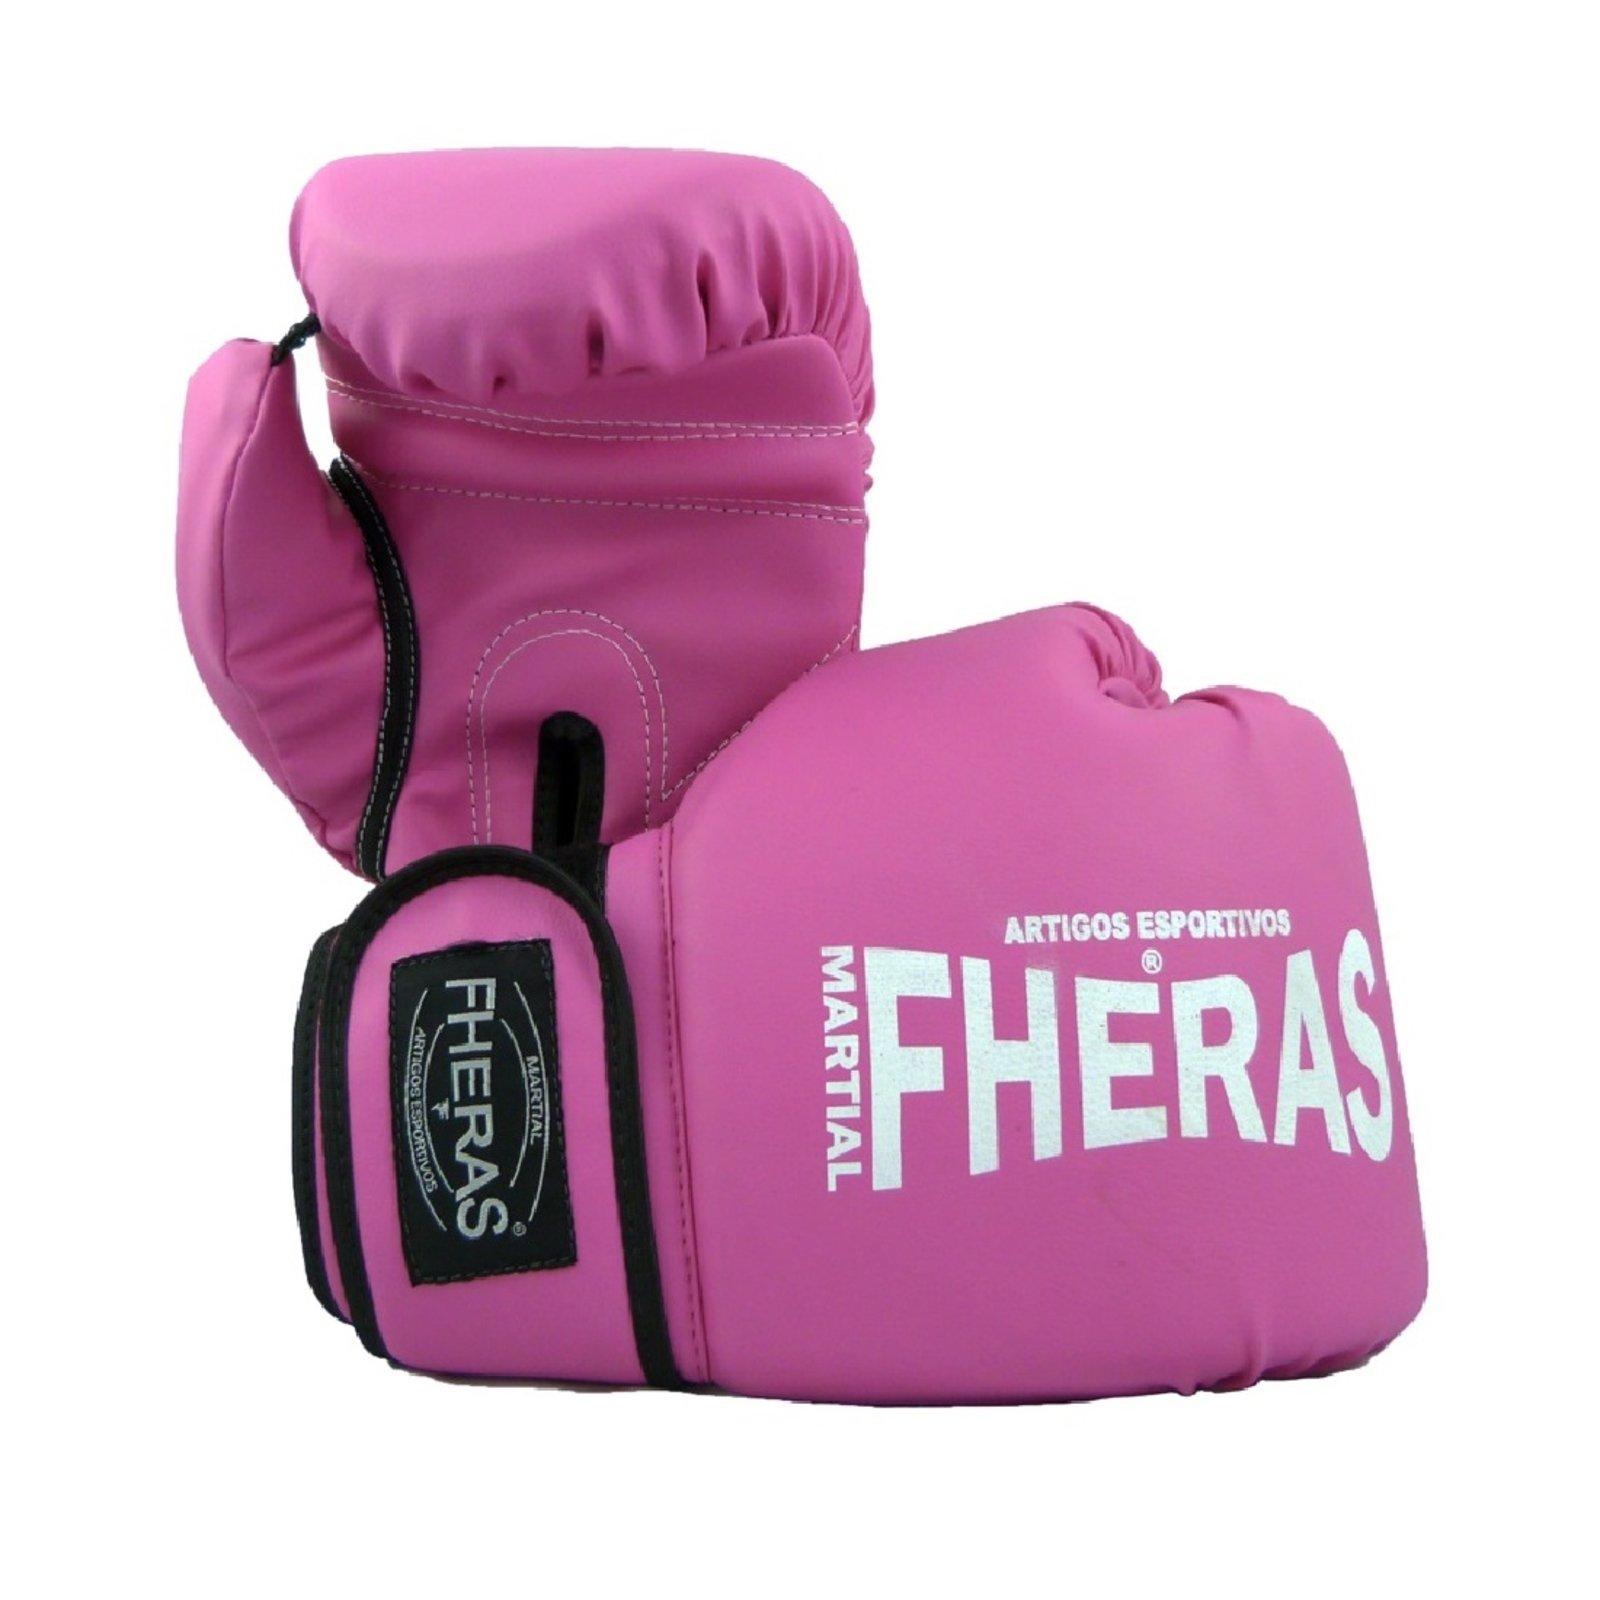 Kit Boxe Muay Thai Fheras New Trade Luva Bucal Caneleira Anatómica Rosa 016 - Compre Agora